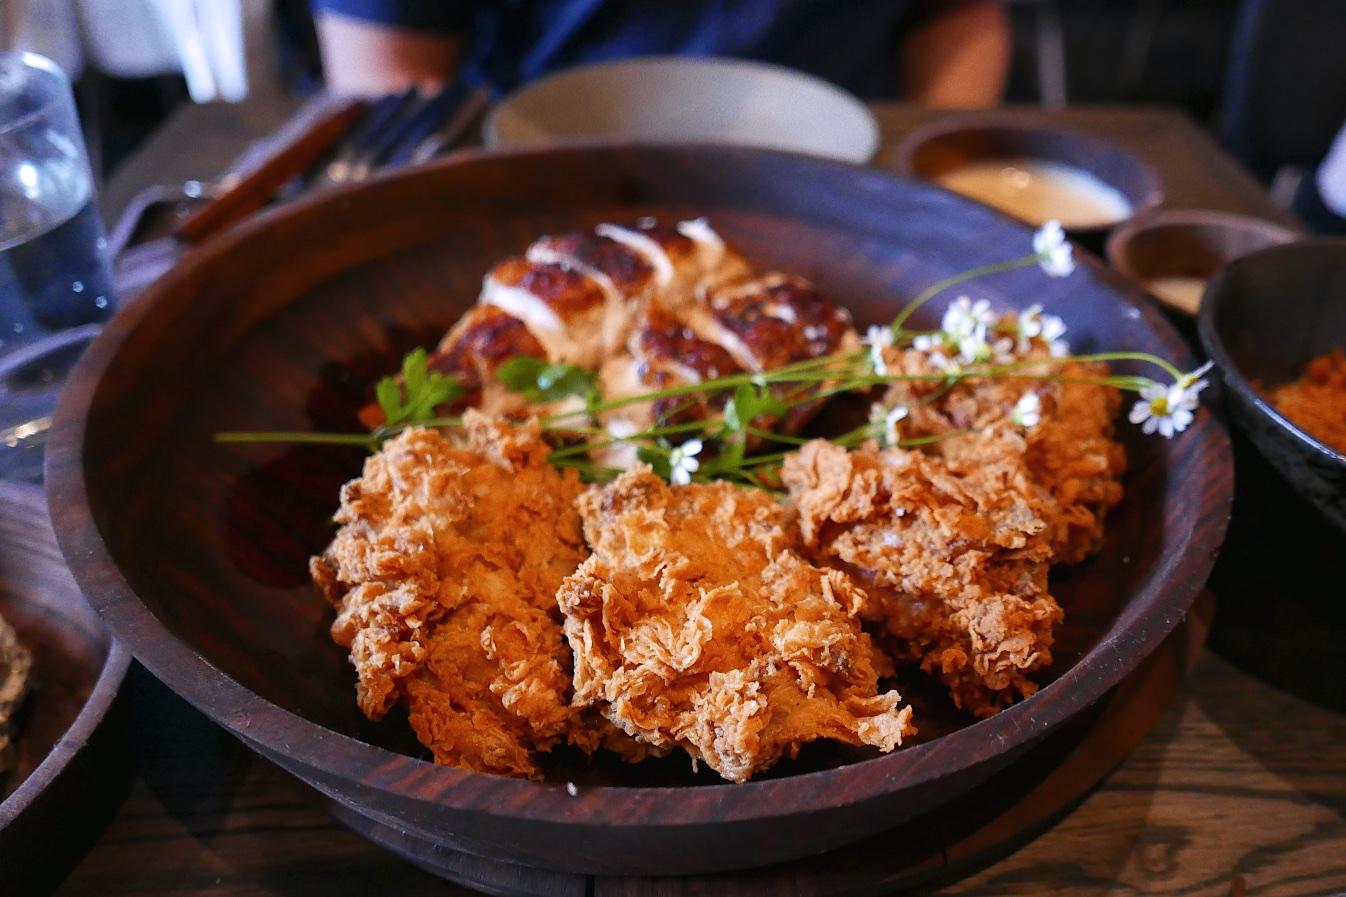 Chicken, fried